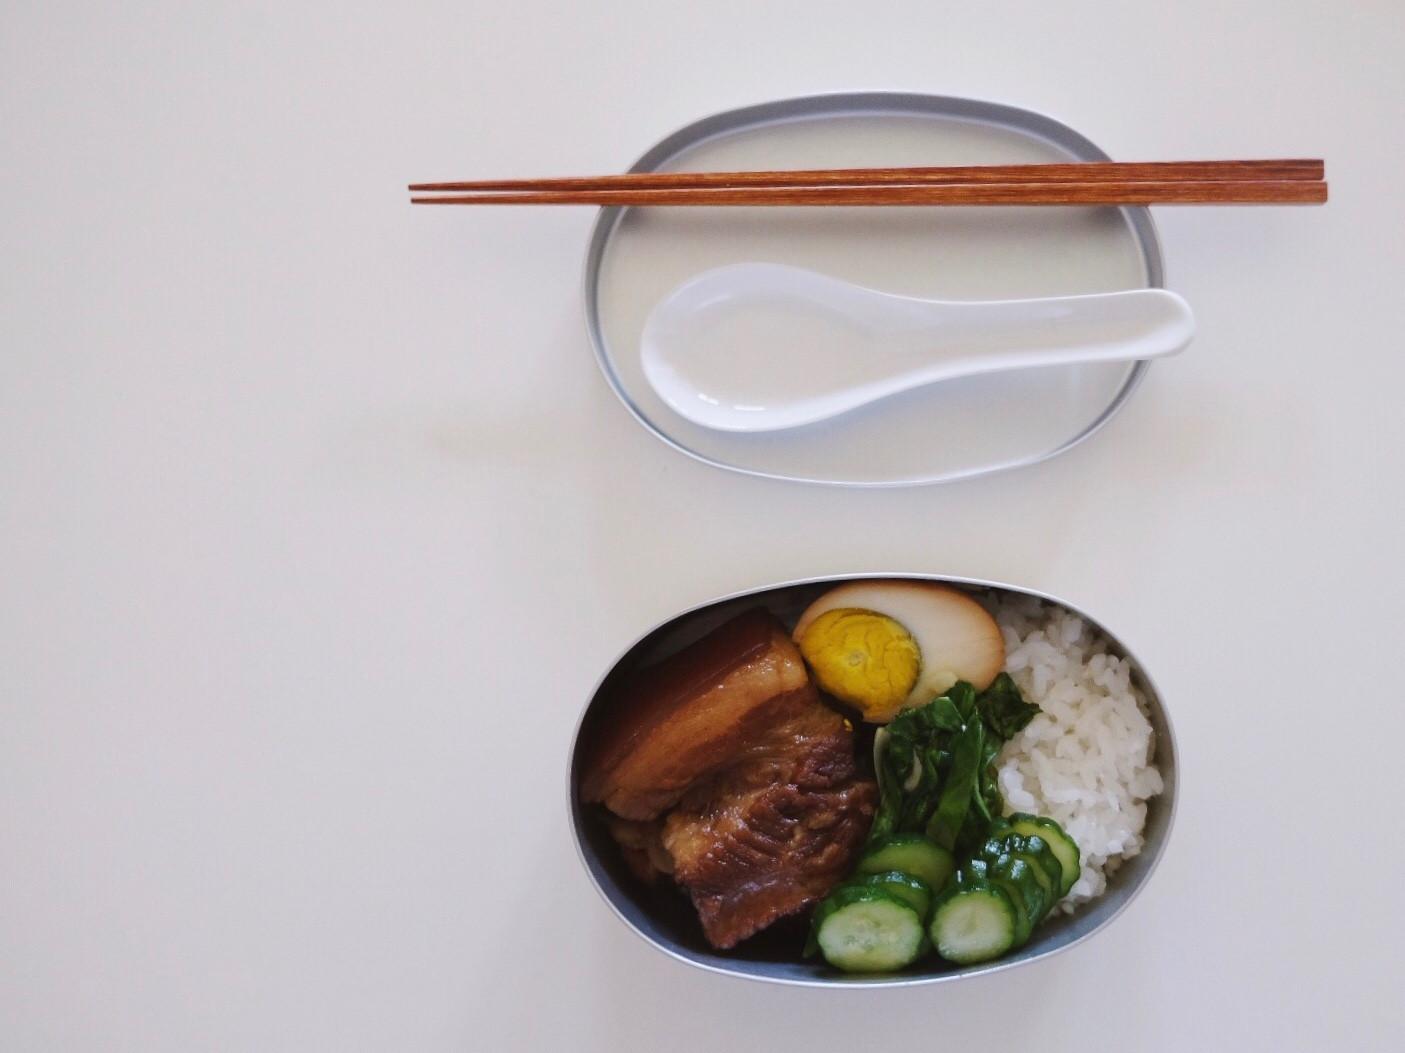 台灣味研究#2 - 控肉飯